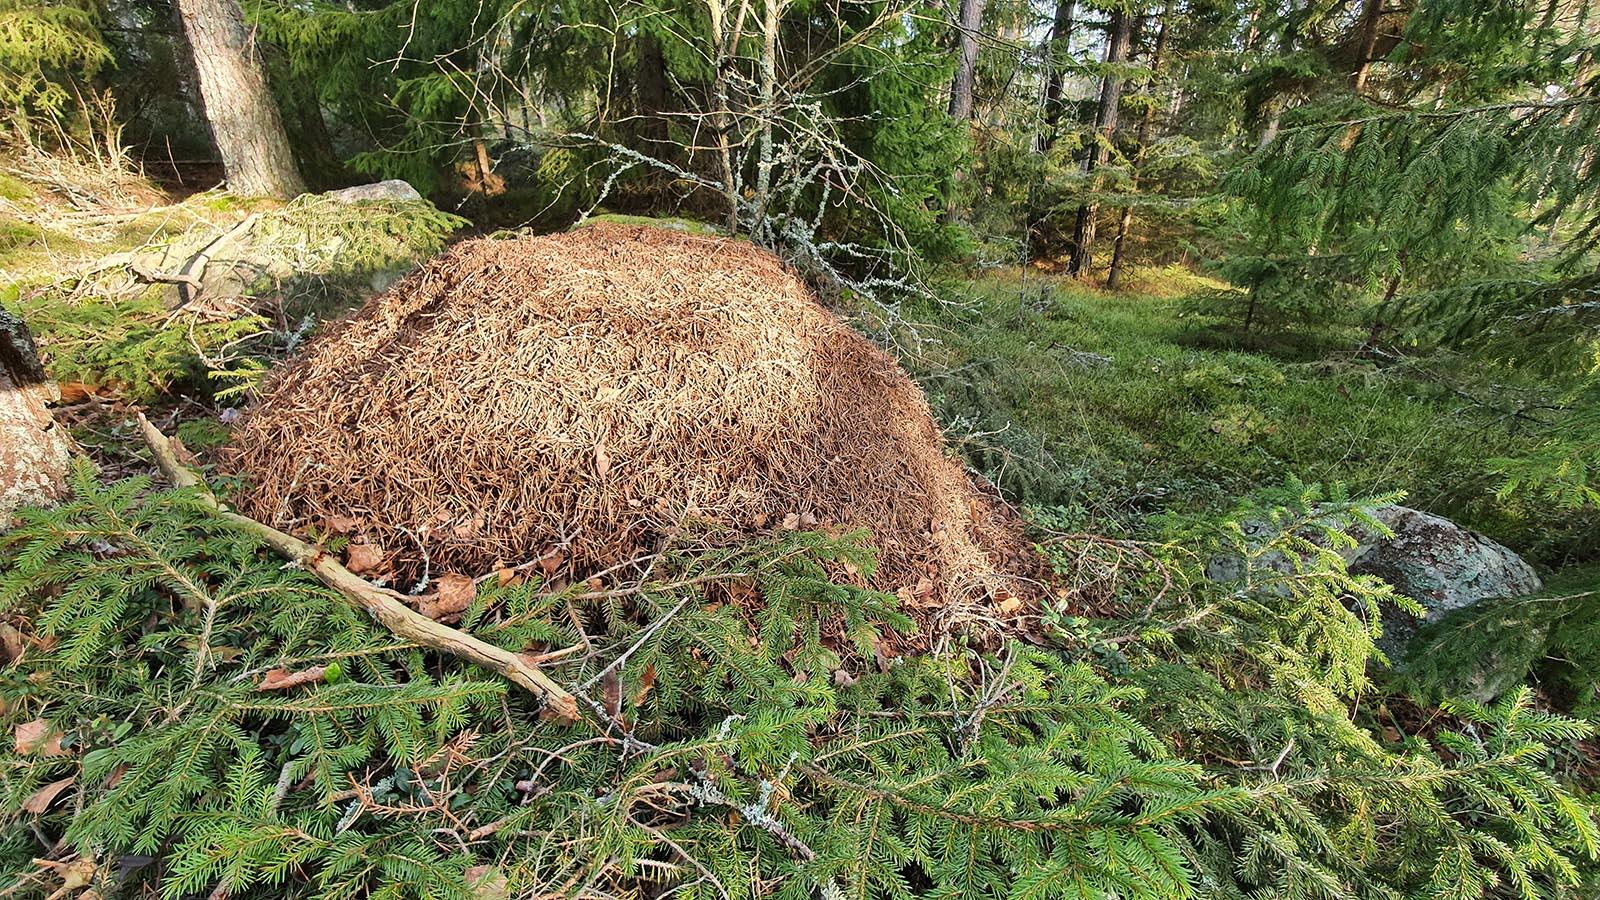 Moose Poop Messenger Renja Leino 4